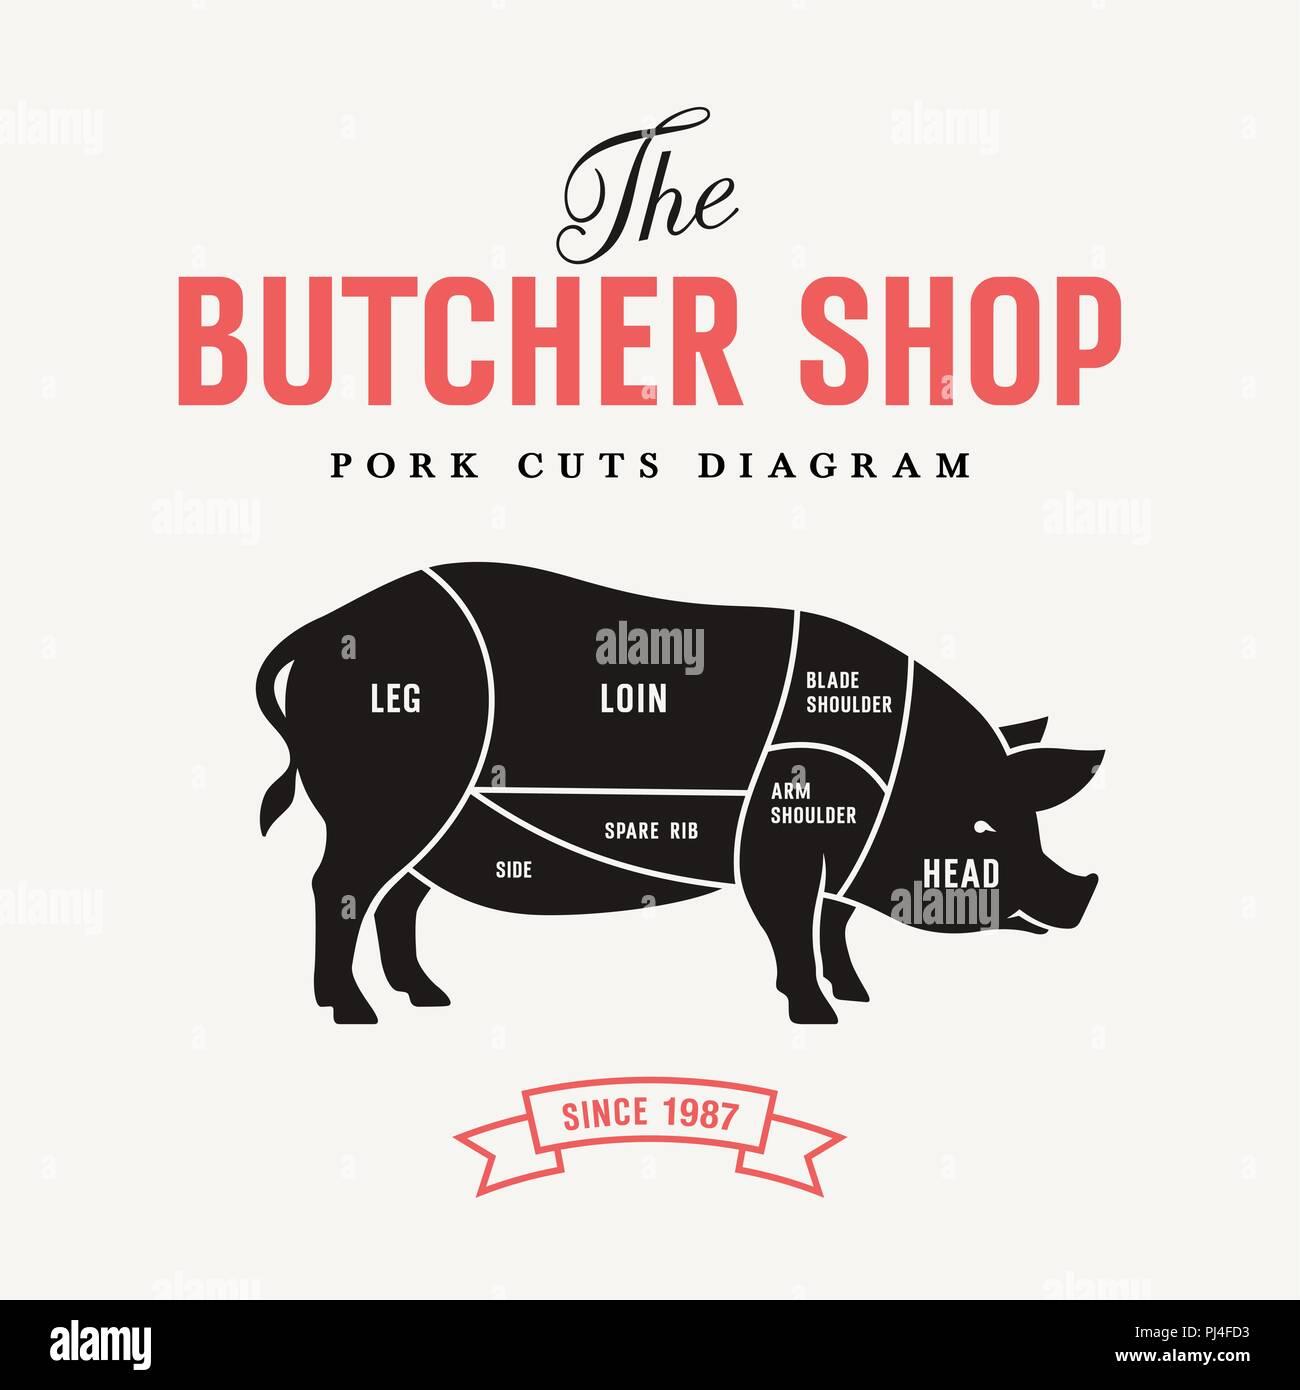 pig cuts diagram intercom wiring pork vector illustration for butcher shop and farm market